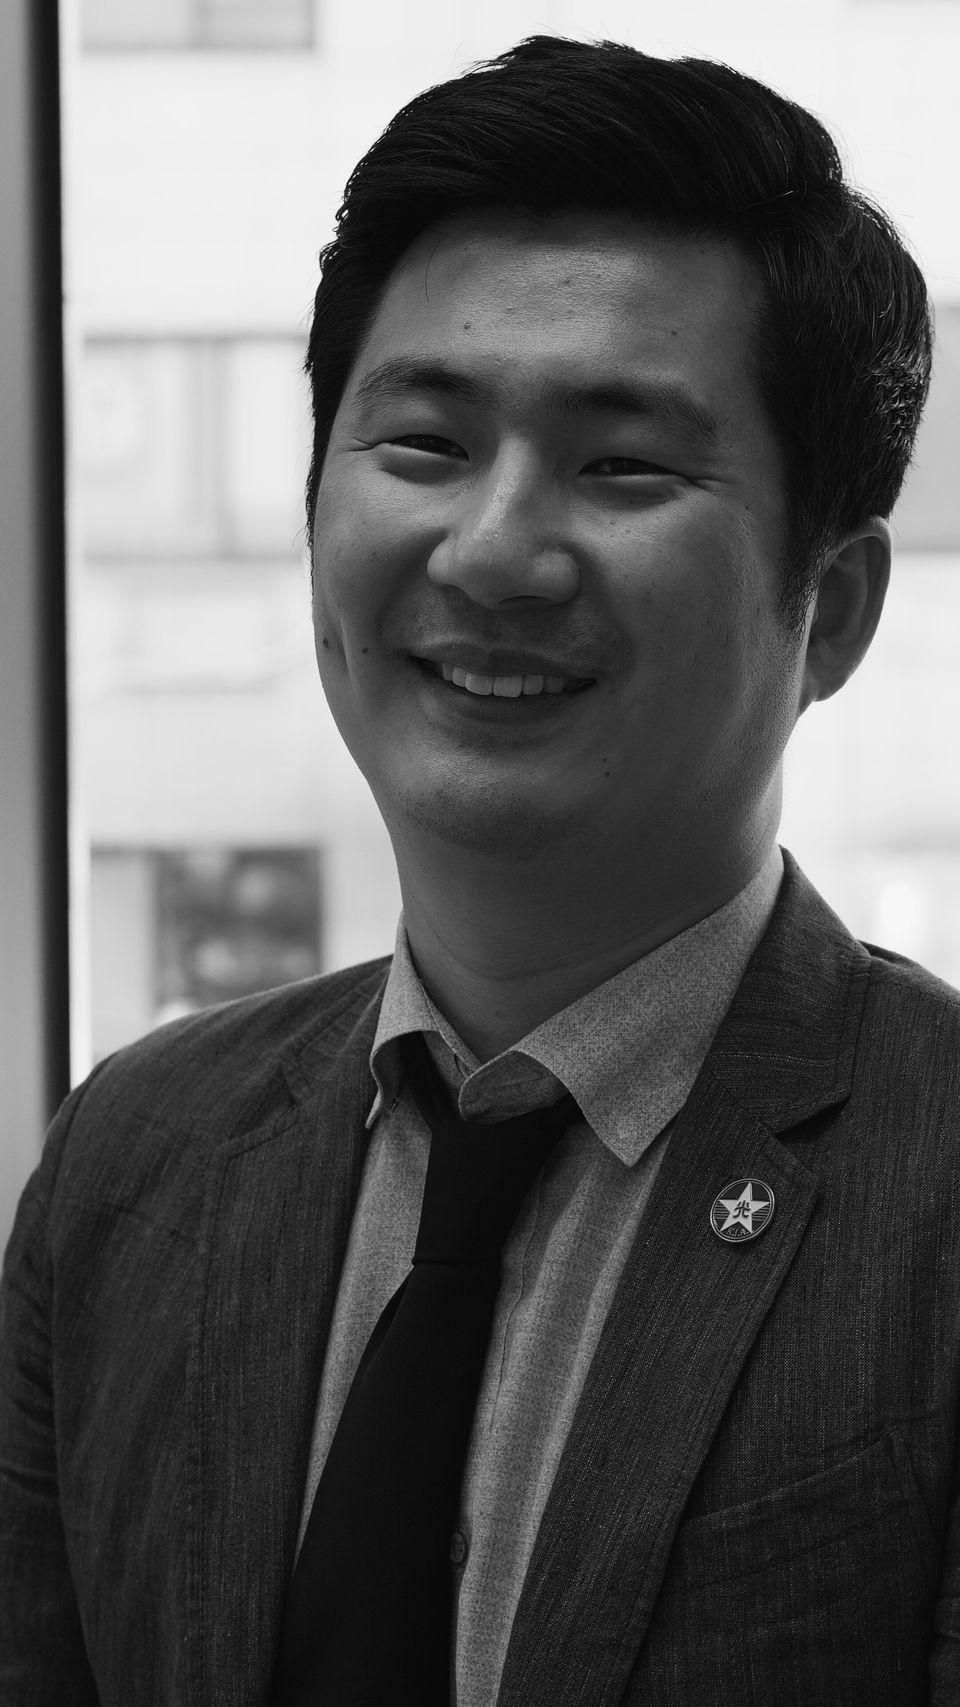 <임정로드>를 출판했을 때, 백범 김구가 광복군에게 나눠준 배지와 같은 모양의 배지를 제작했다.김종훈 기자는 공식적인 자리가 있을 때면 이 배지를